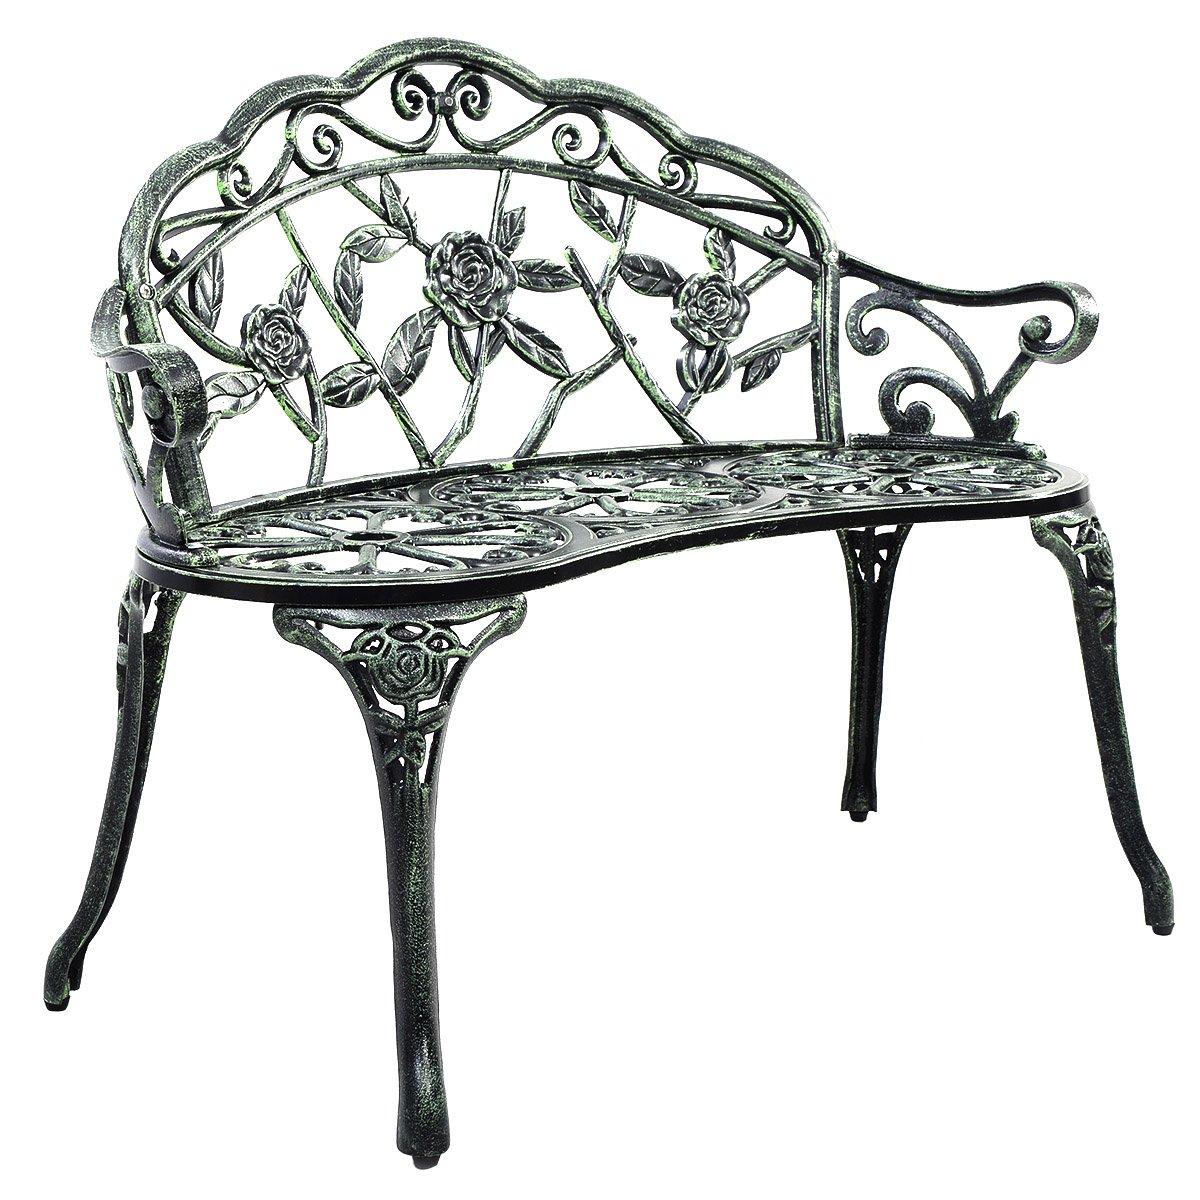 Giantex Patio Garden Bench Chair Style Porch Cast Aluminum